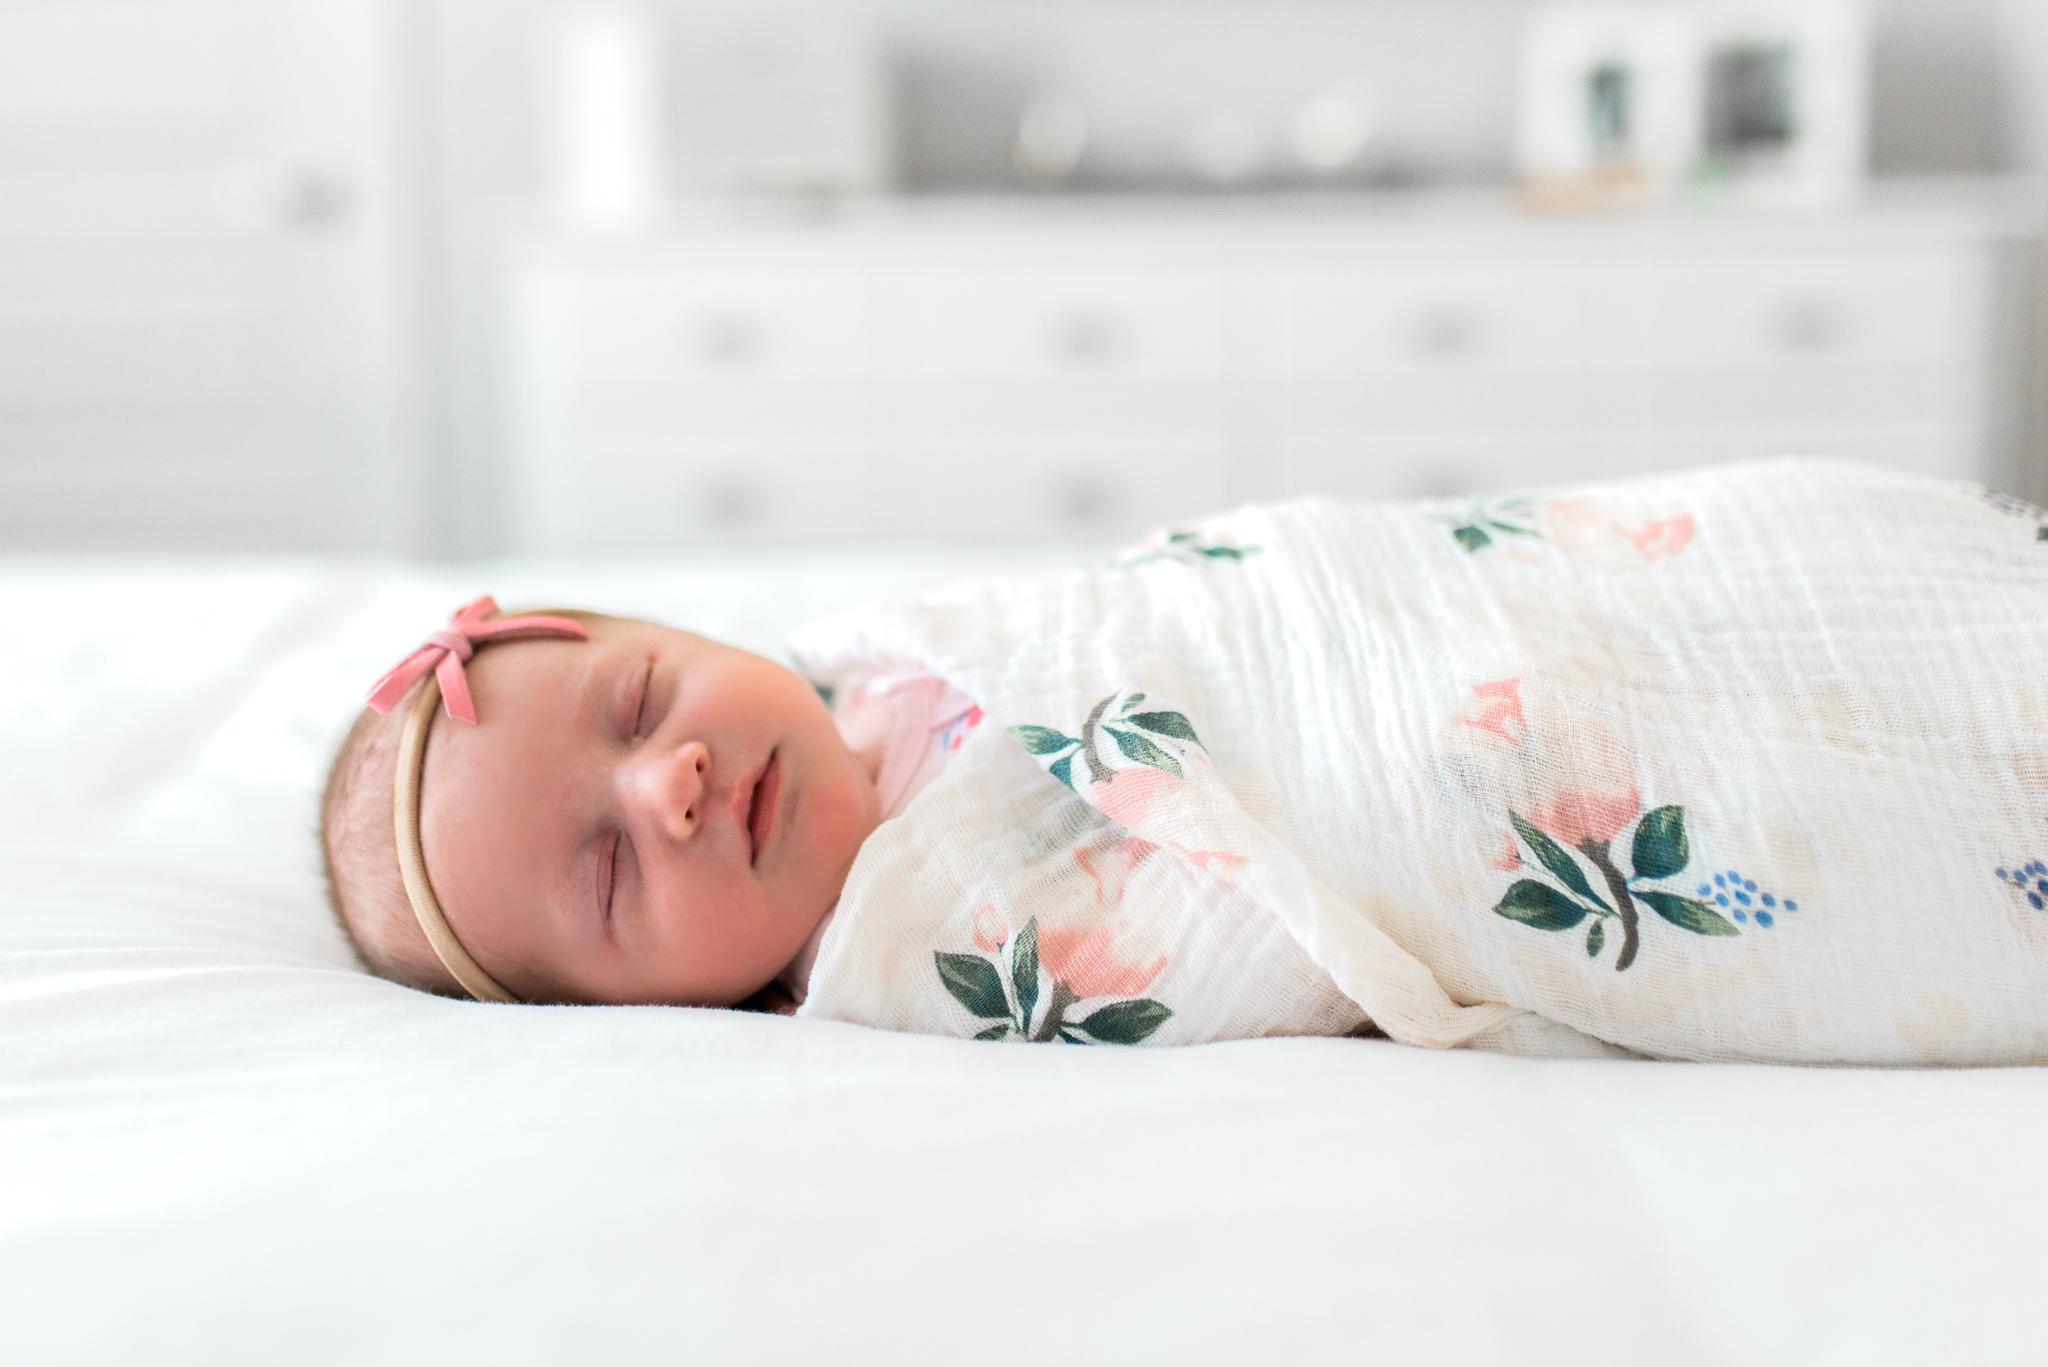 boise_newborn_photographer5